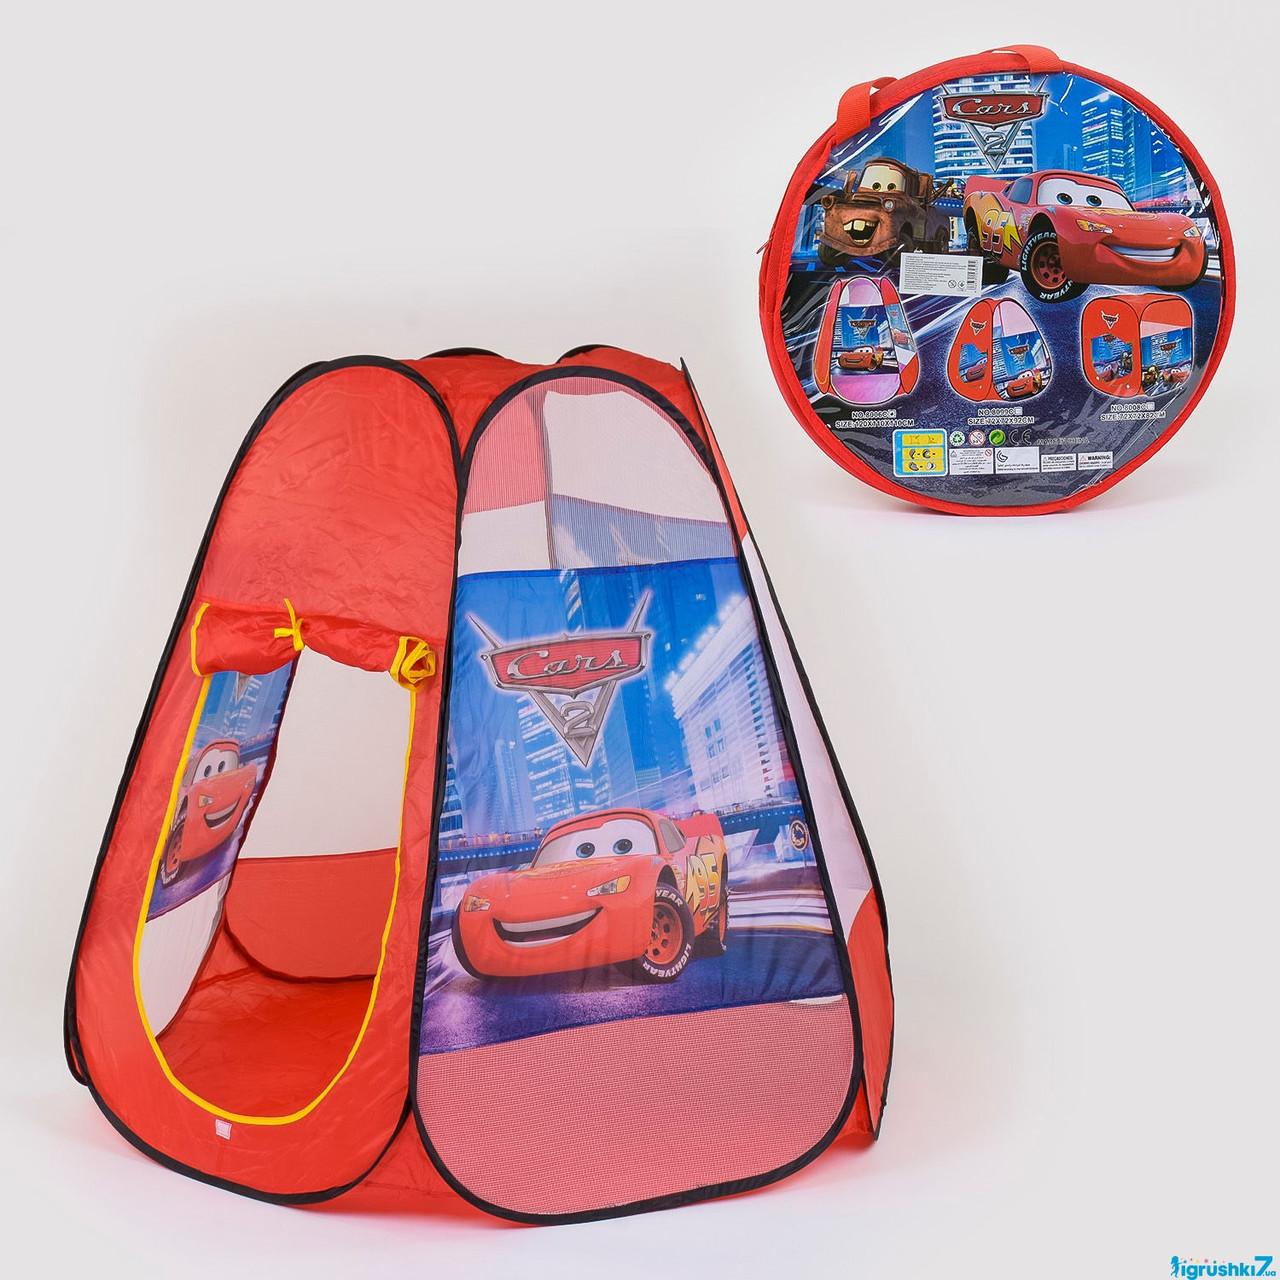 Детская игровая палатка-шалаш Машинки 8006 C (48/2) 120 х110 х110 см, в сумке